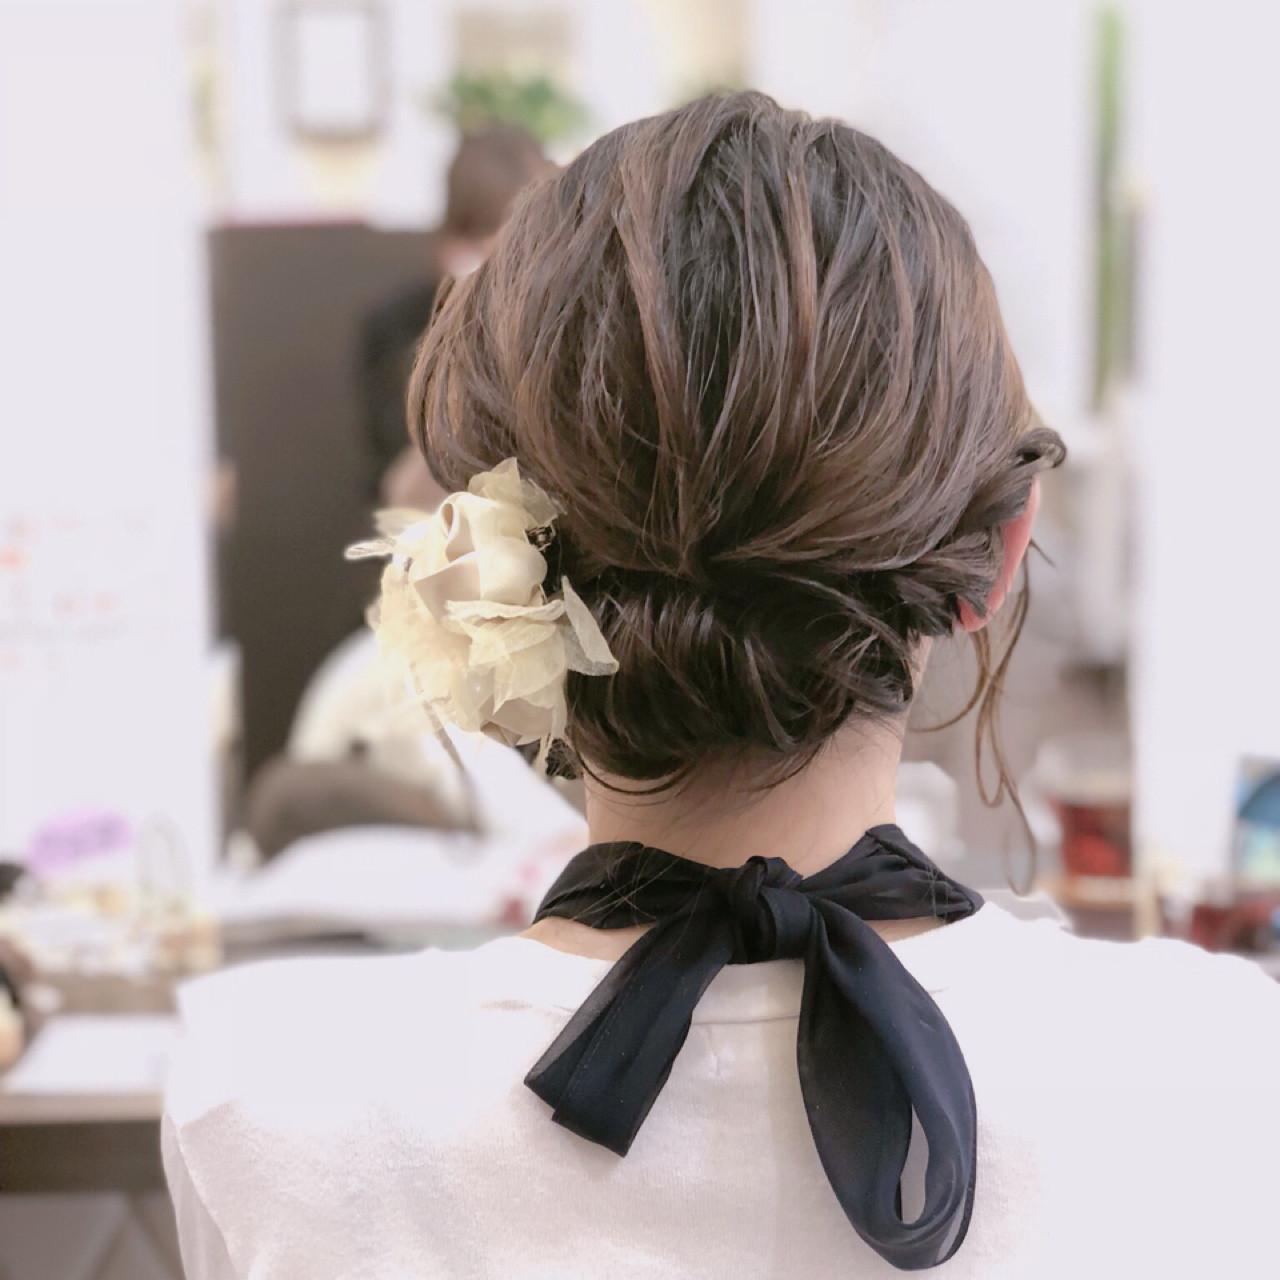 在後頸髮梢處盤成髮髻的少女風造型,妳覺得如何? 宮崎加奈